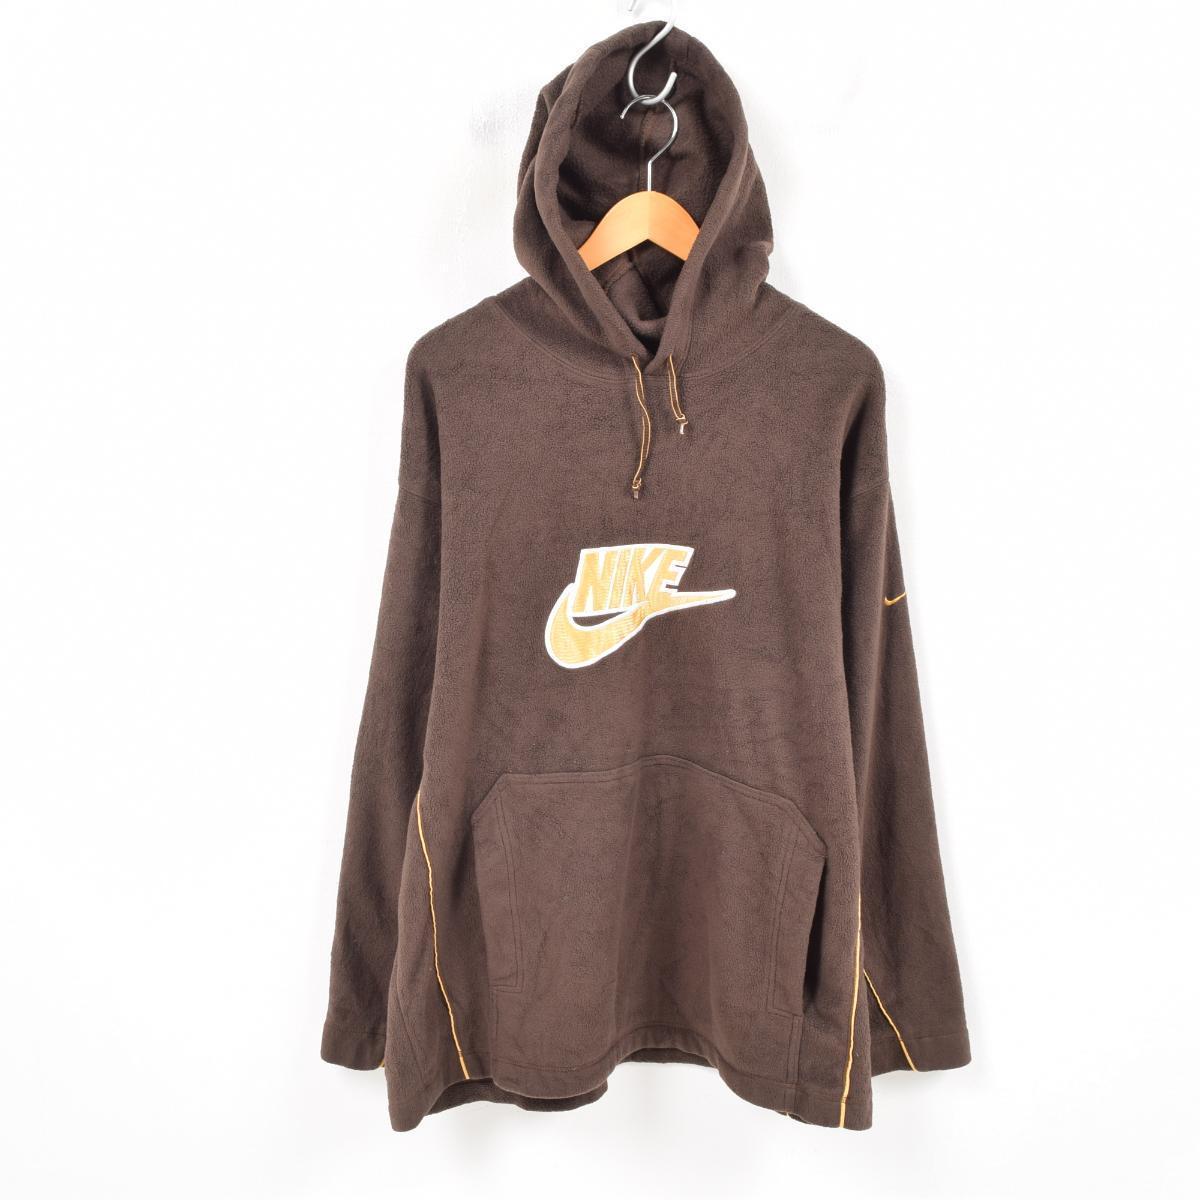 Nike Men Xxl Parka Clothing Vintage Wav0828 Fleece Jam 6wqAxEZ